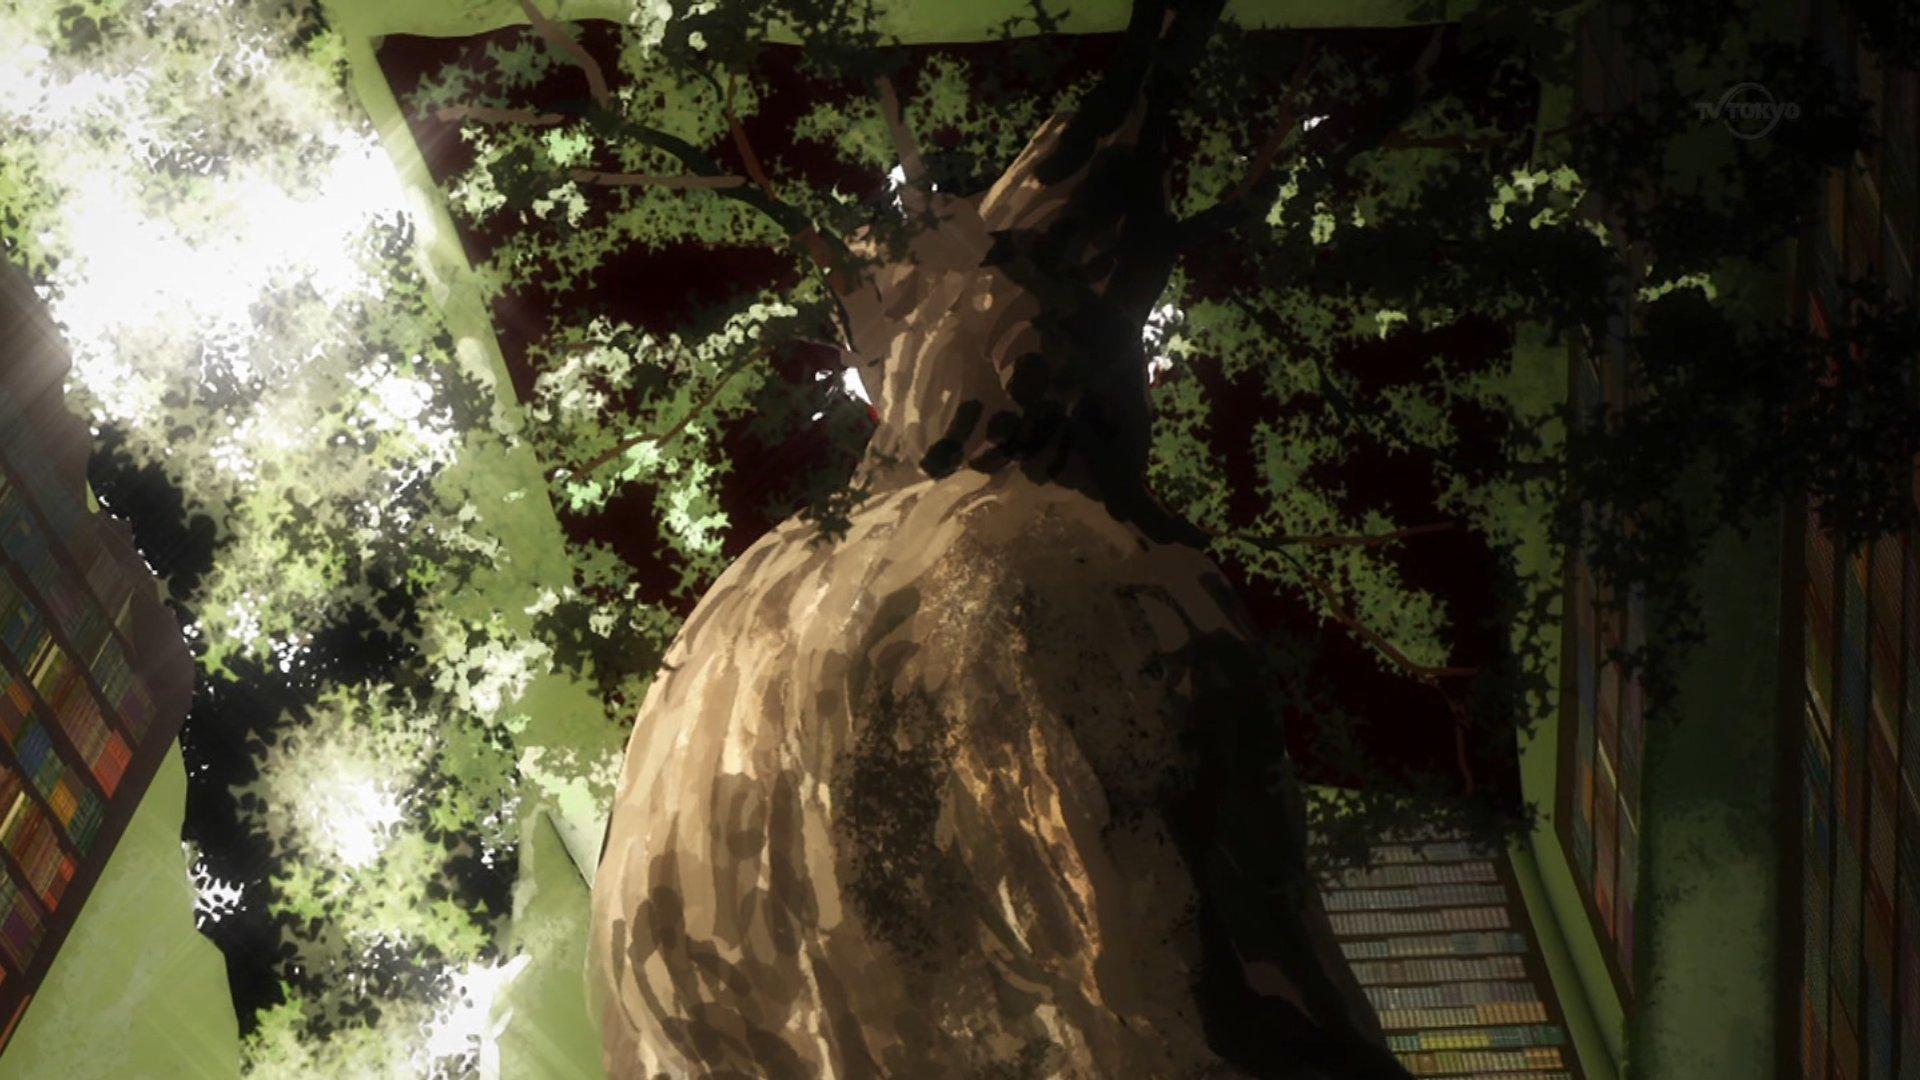 この木が女体に見えて仕方ない #kemono_friends #けもフレ https://t.co/txgBszgrhN